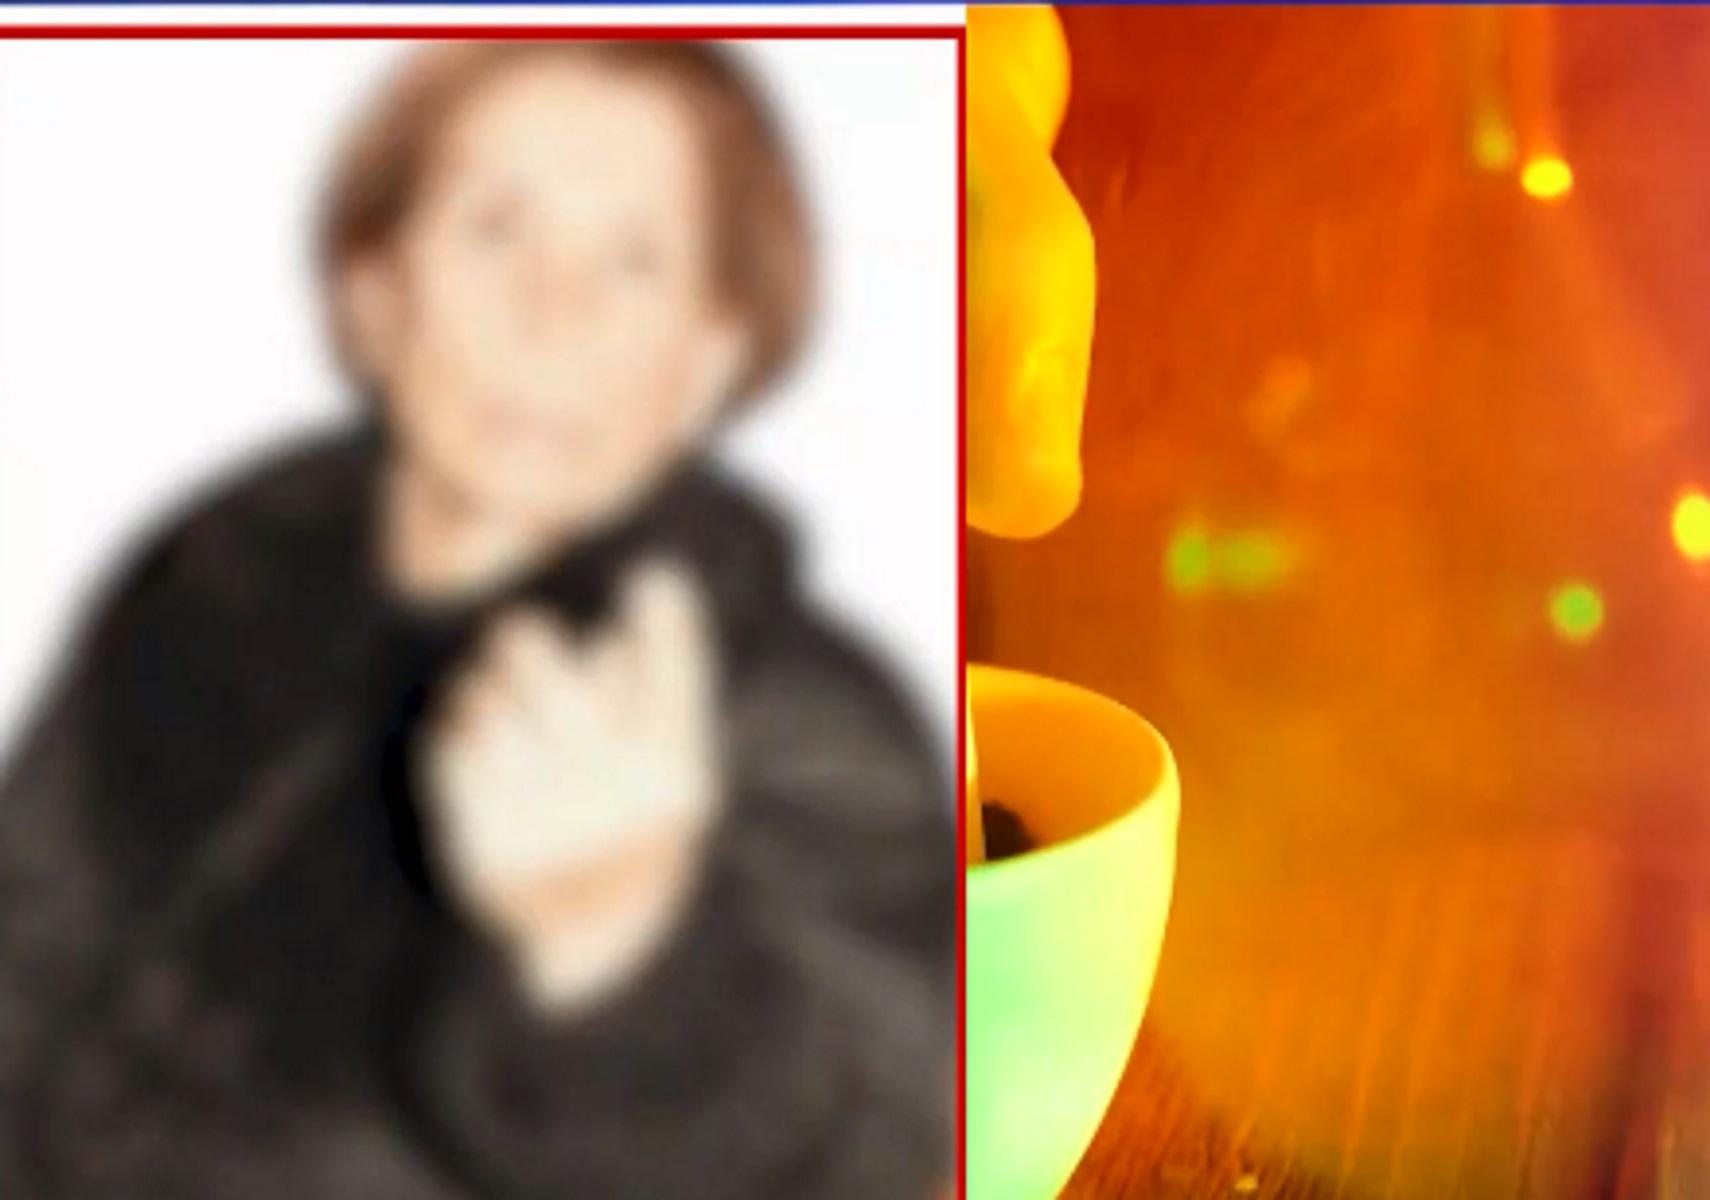 Επίθεση με βιτριόλι στην Ιωάννα Παλιοσπύρου: Αποκαλύψεις από την χαρτορίχτρα για τις συναντήσεις της με την 37χρονη